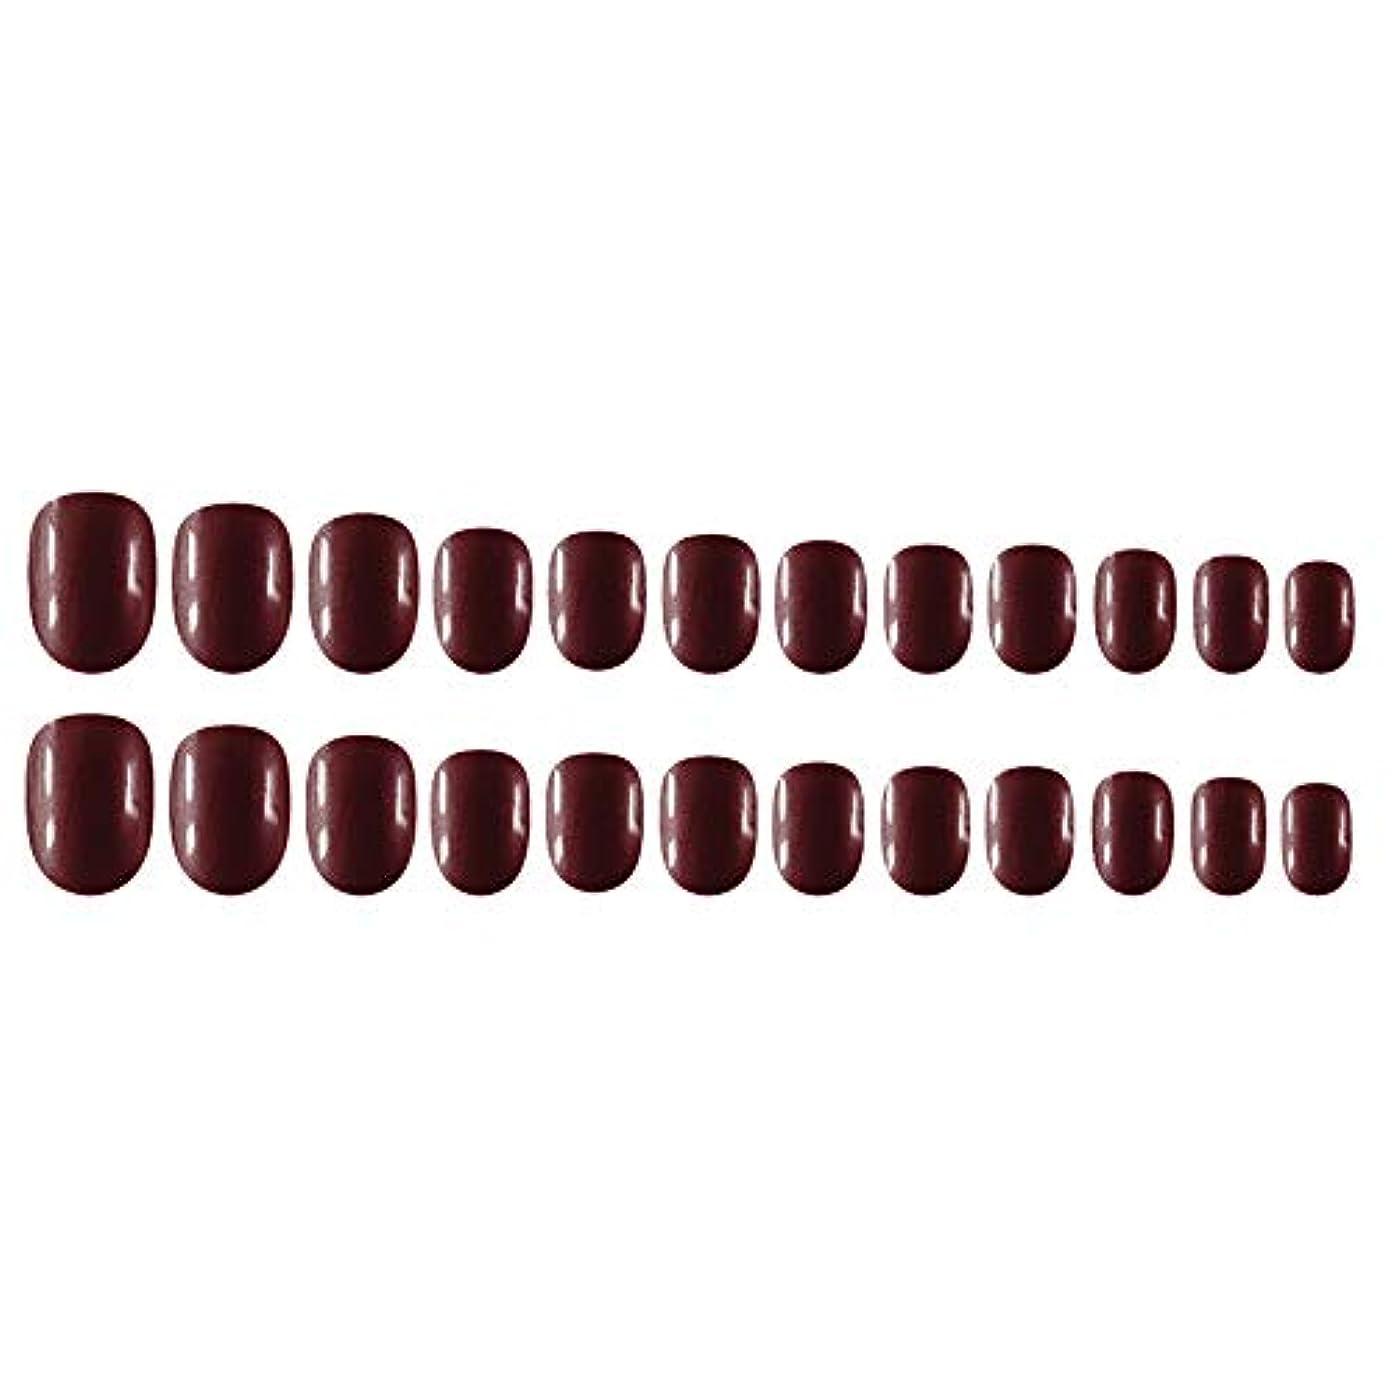 止まる有害汚れたDecdeal Decdeal ネイルチップ 24ピース 12異なるサイズ diy サロン ネイルアートツール 偽